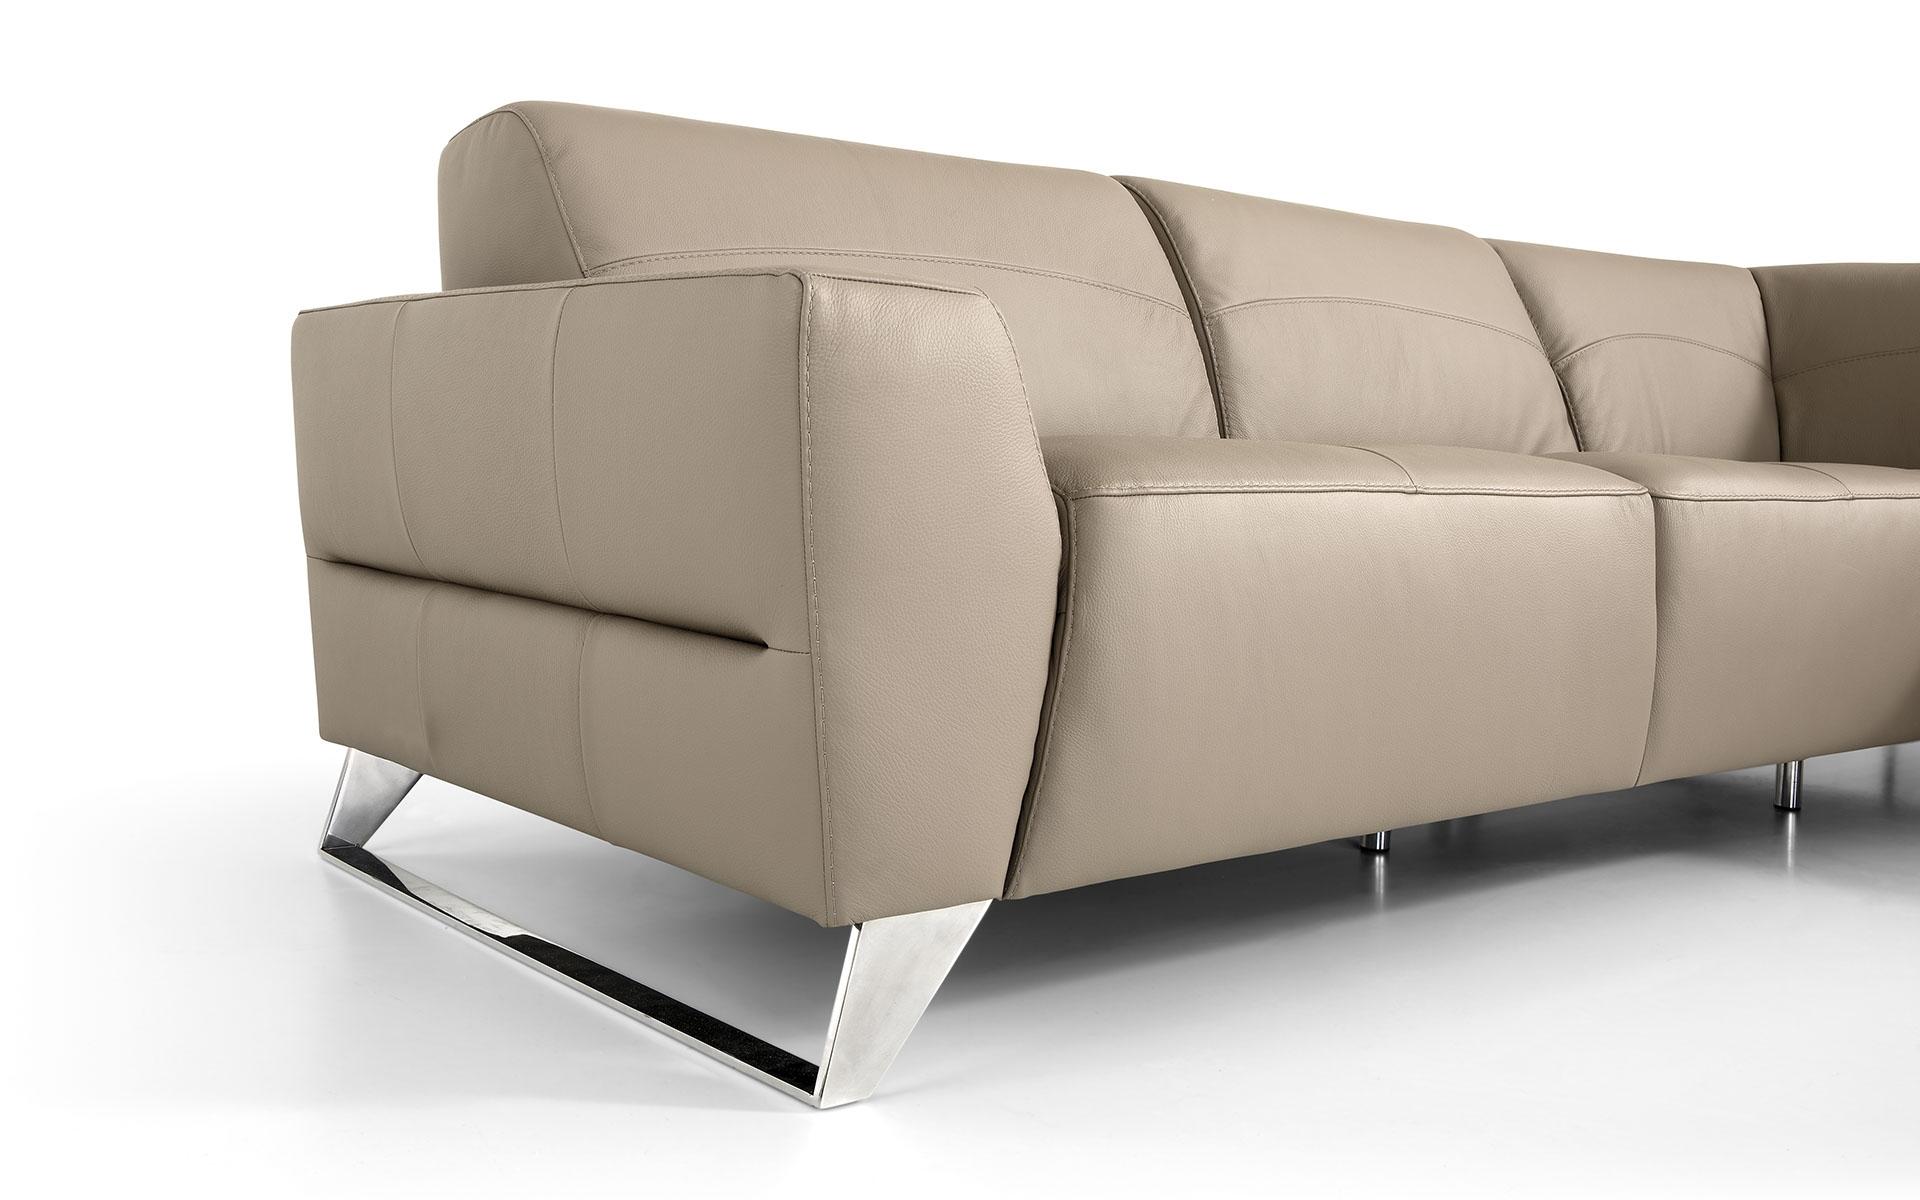 Divano angolare in pelle moderno prezzo outlet divani a for Divano angolare prezzi